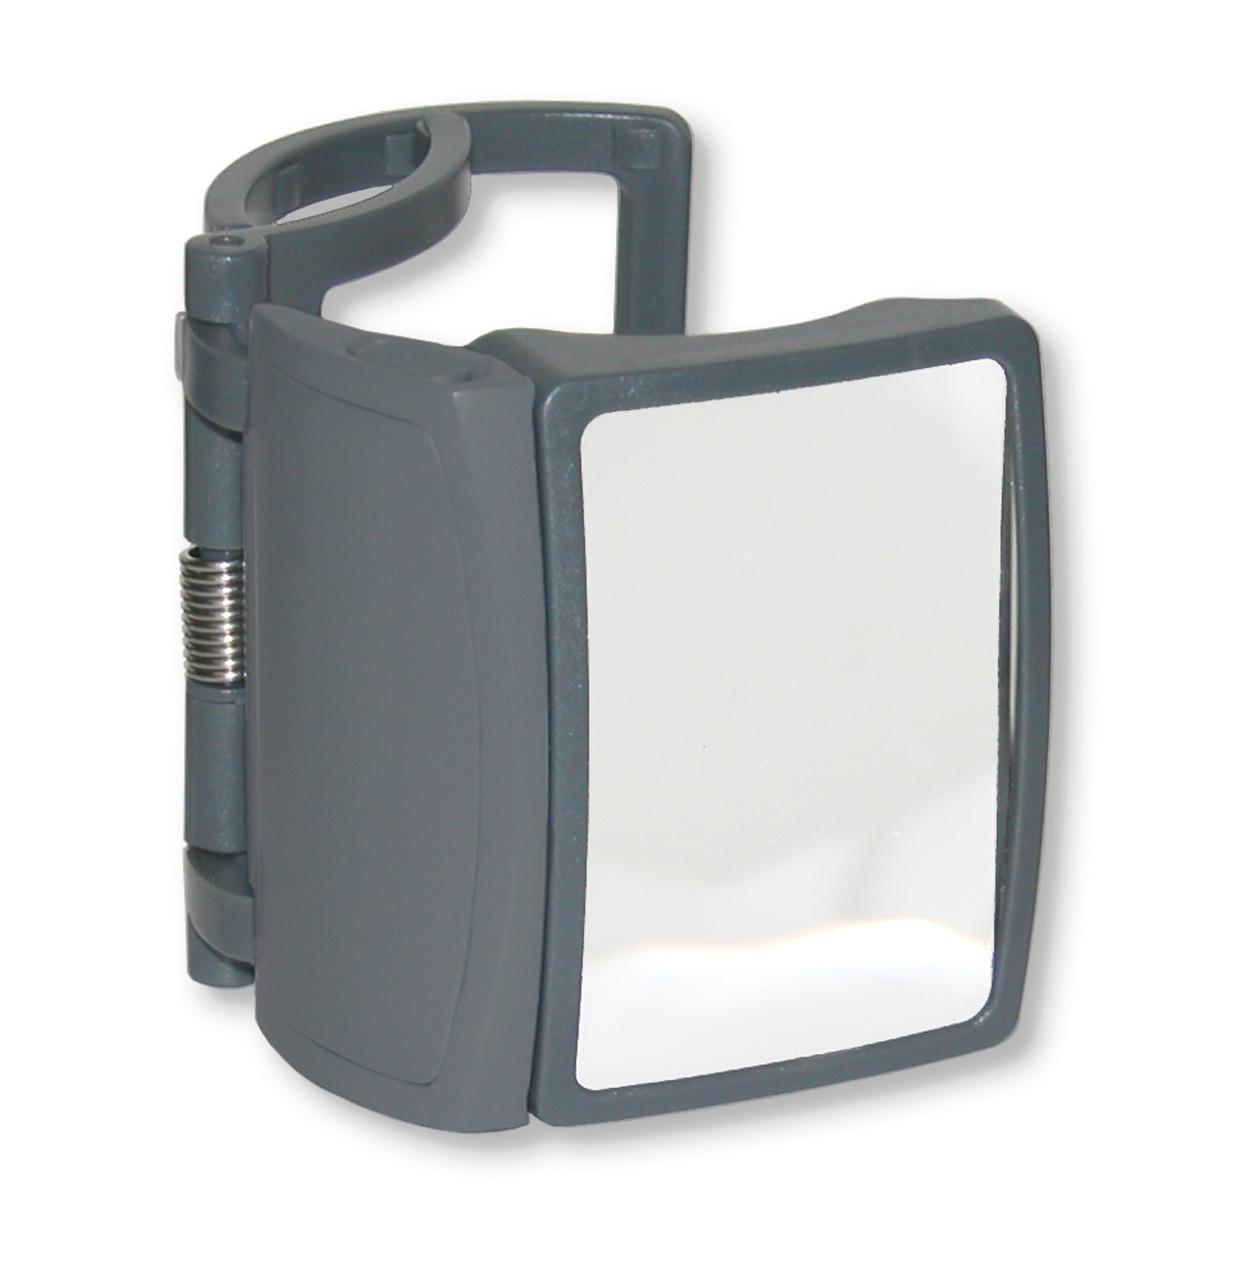 3X Clip-On Medical Bottle Mag w/ LED